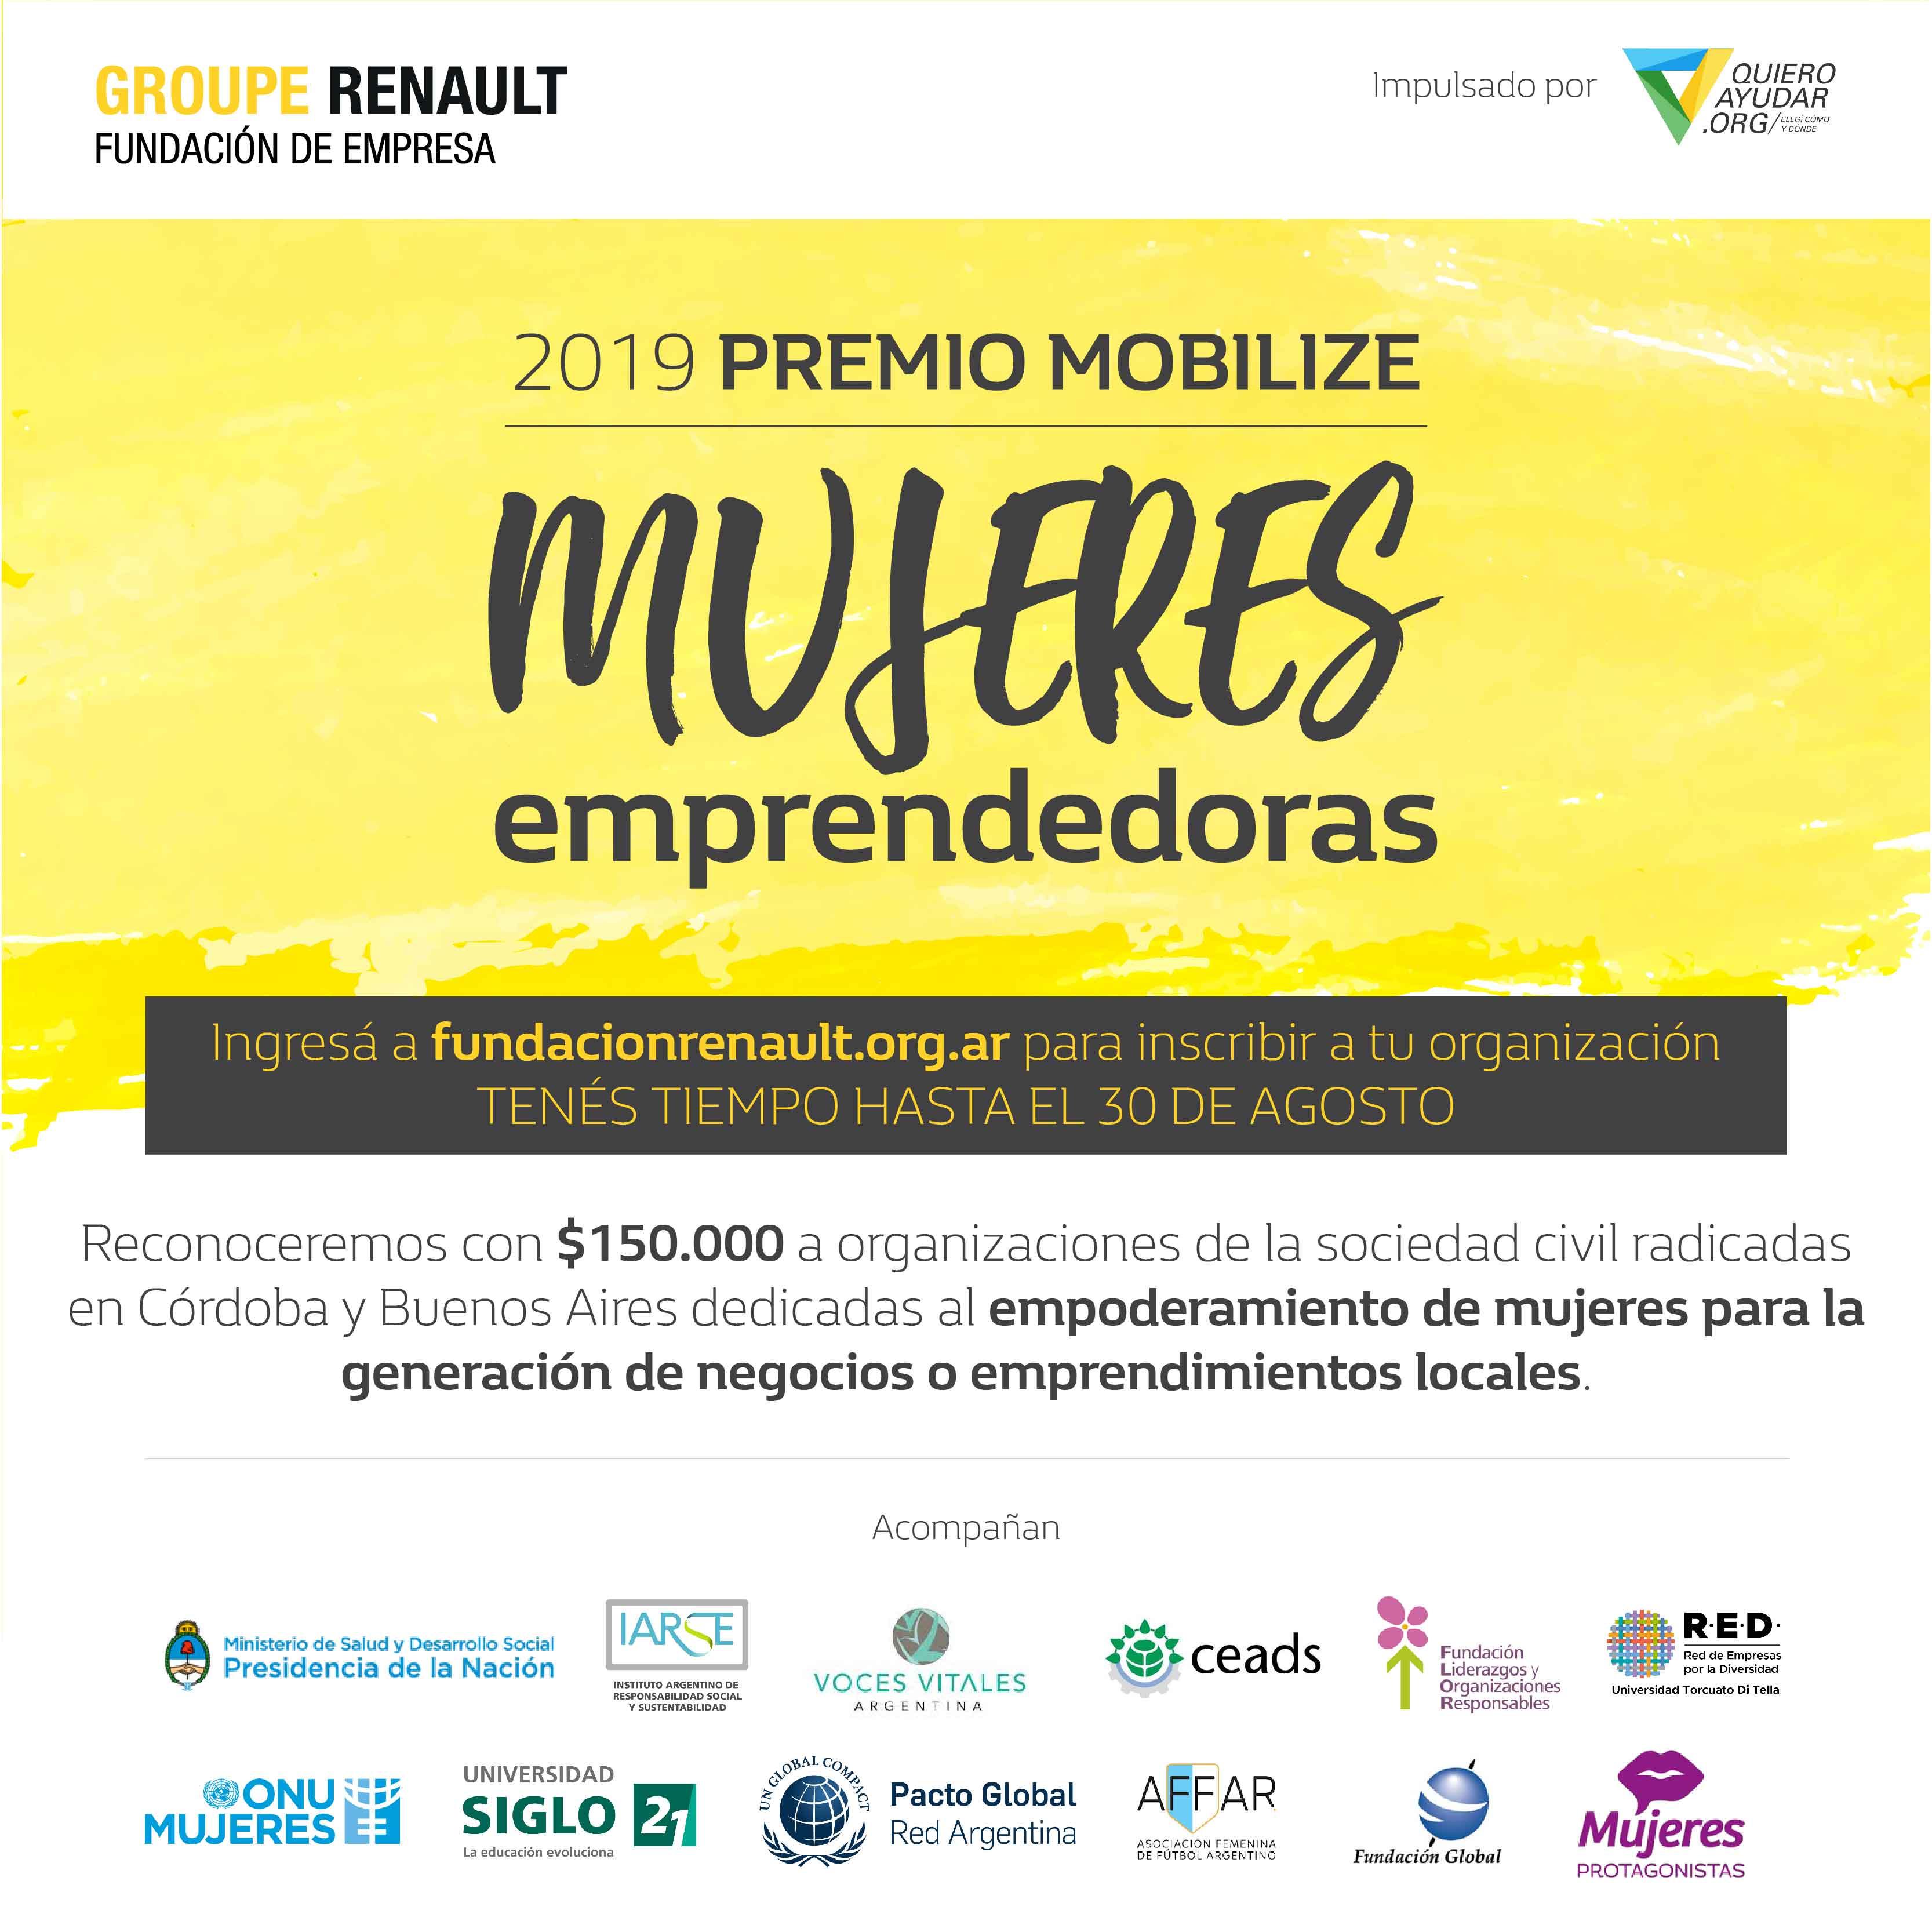 Fundación Renault lanza el Premio Mobilize para mujeres emprendedoras